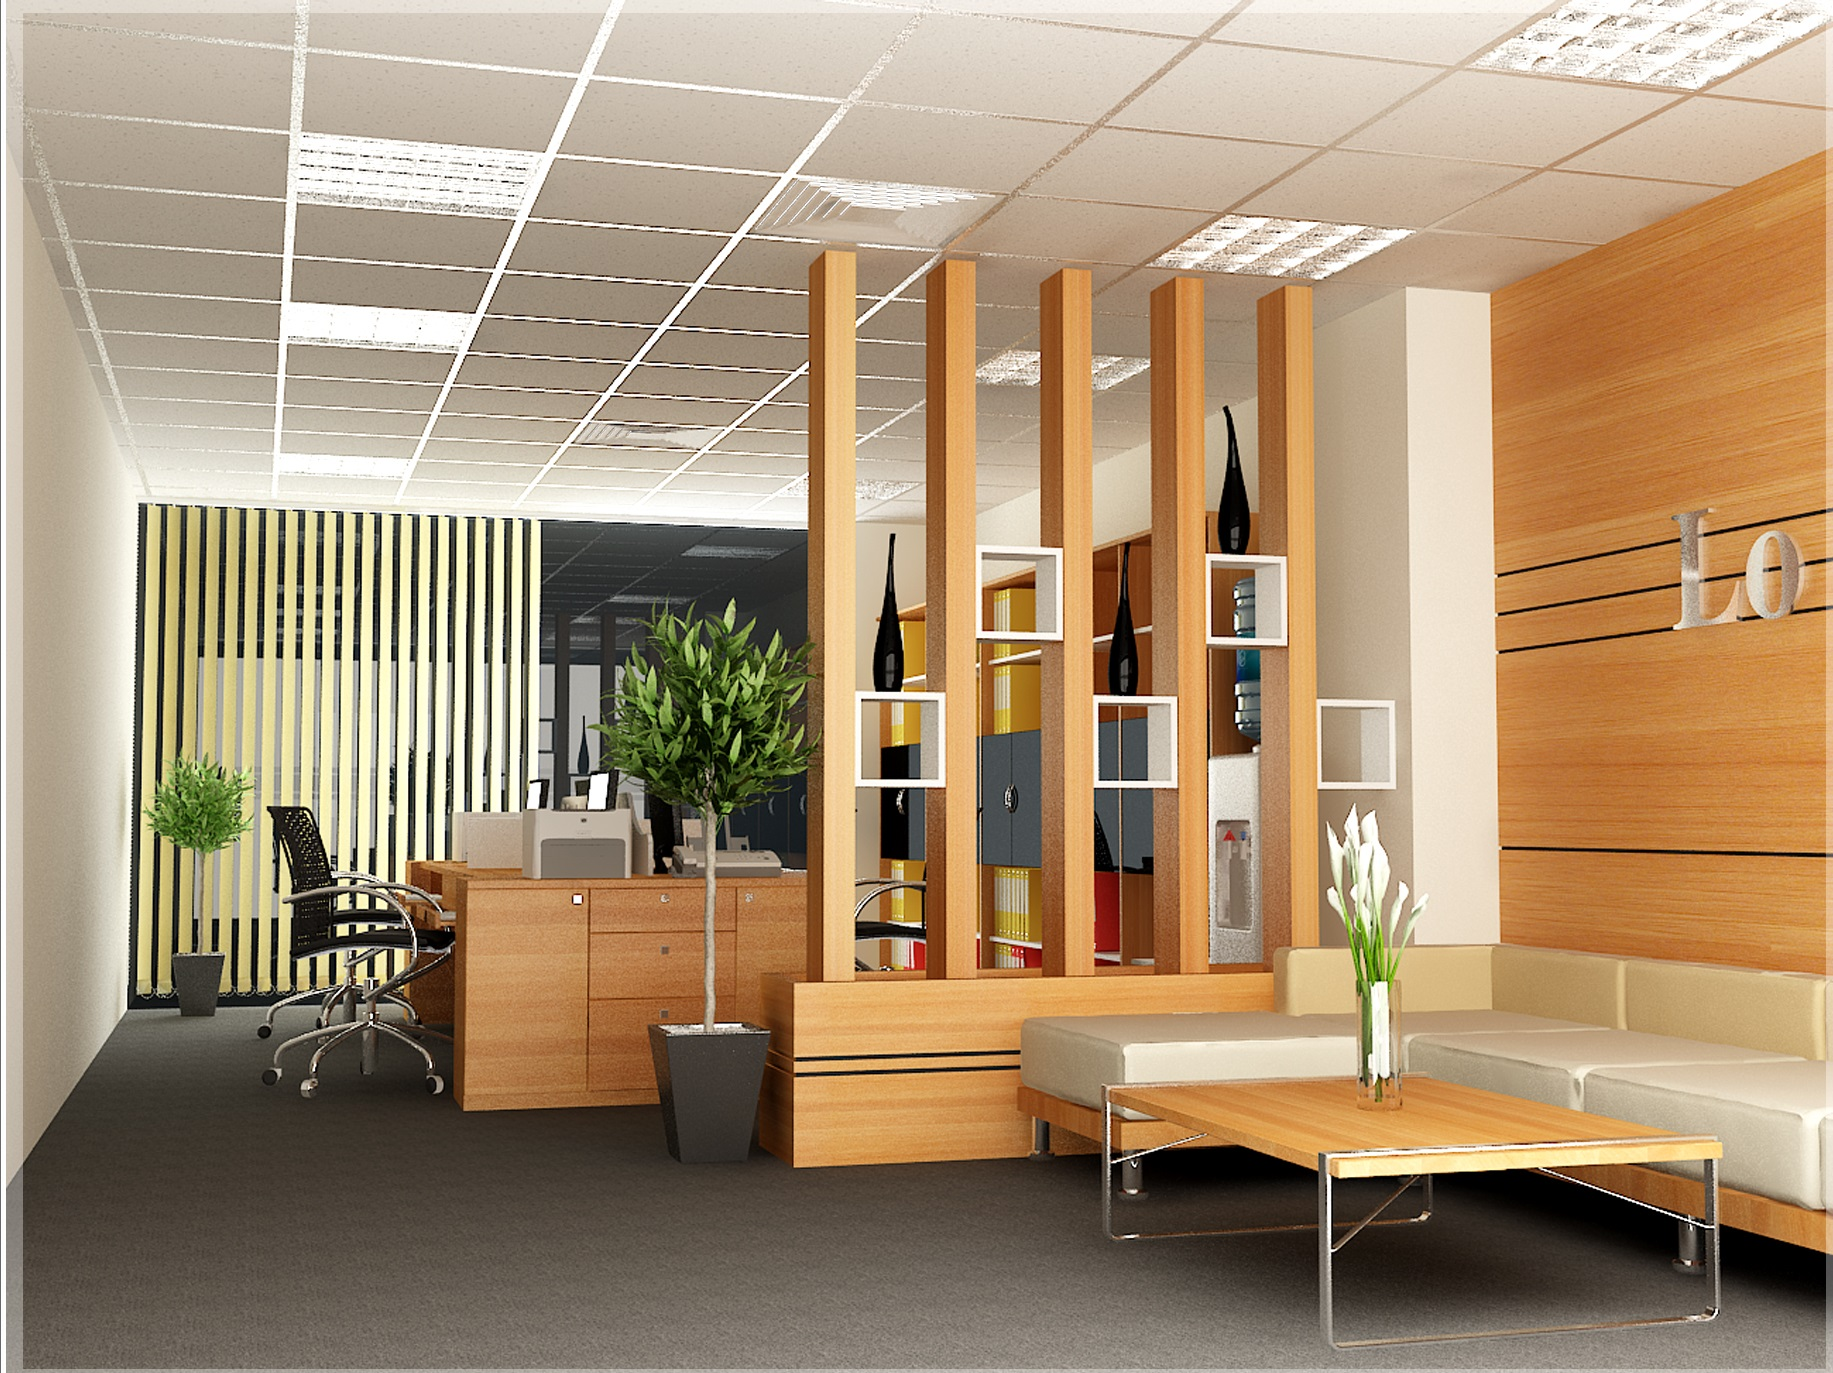 Để thiết kế nội thất thành công cần tuân thủ những công việc, nguyên tắc nhất định